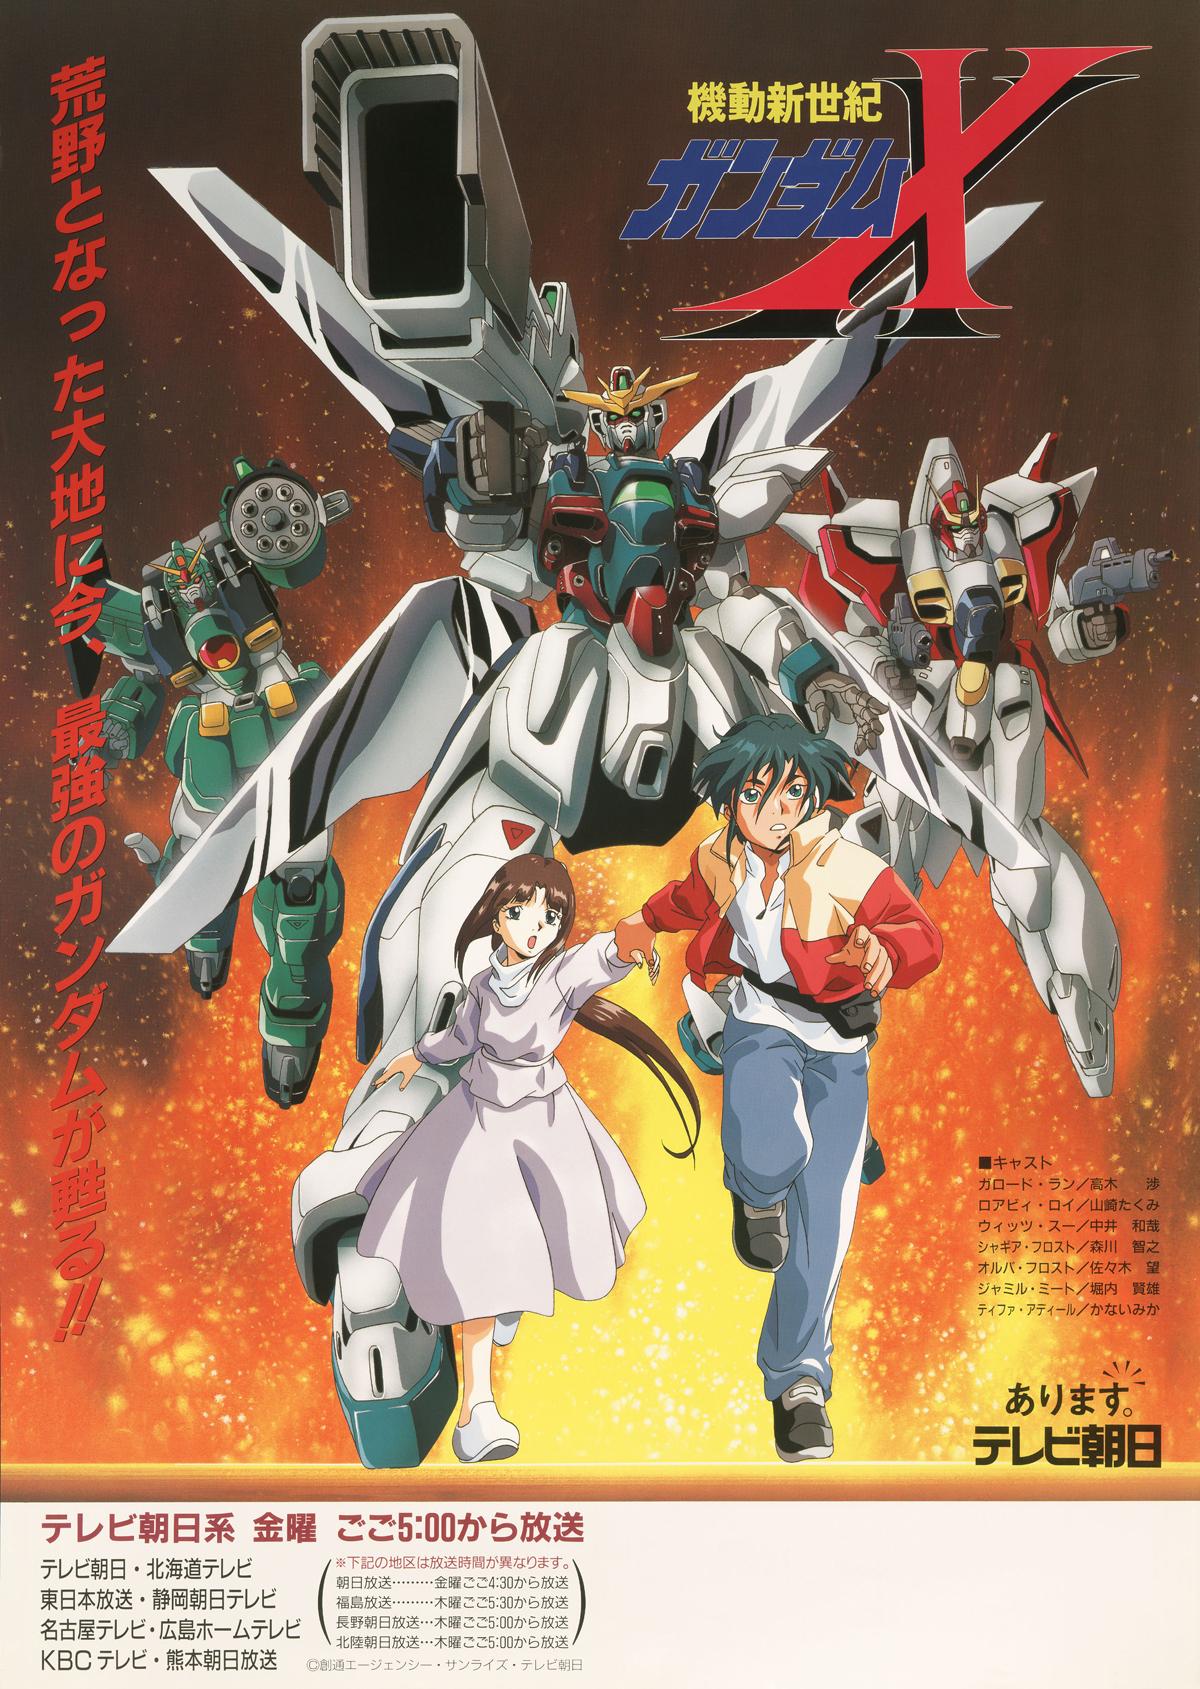 Kết Thúc Trận Chiến Gundam - After War Gundam X VietSub  (2013)